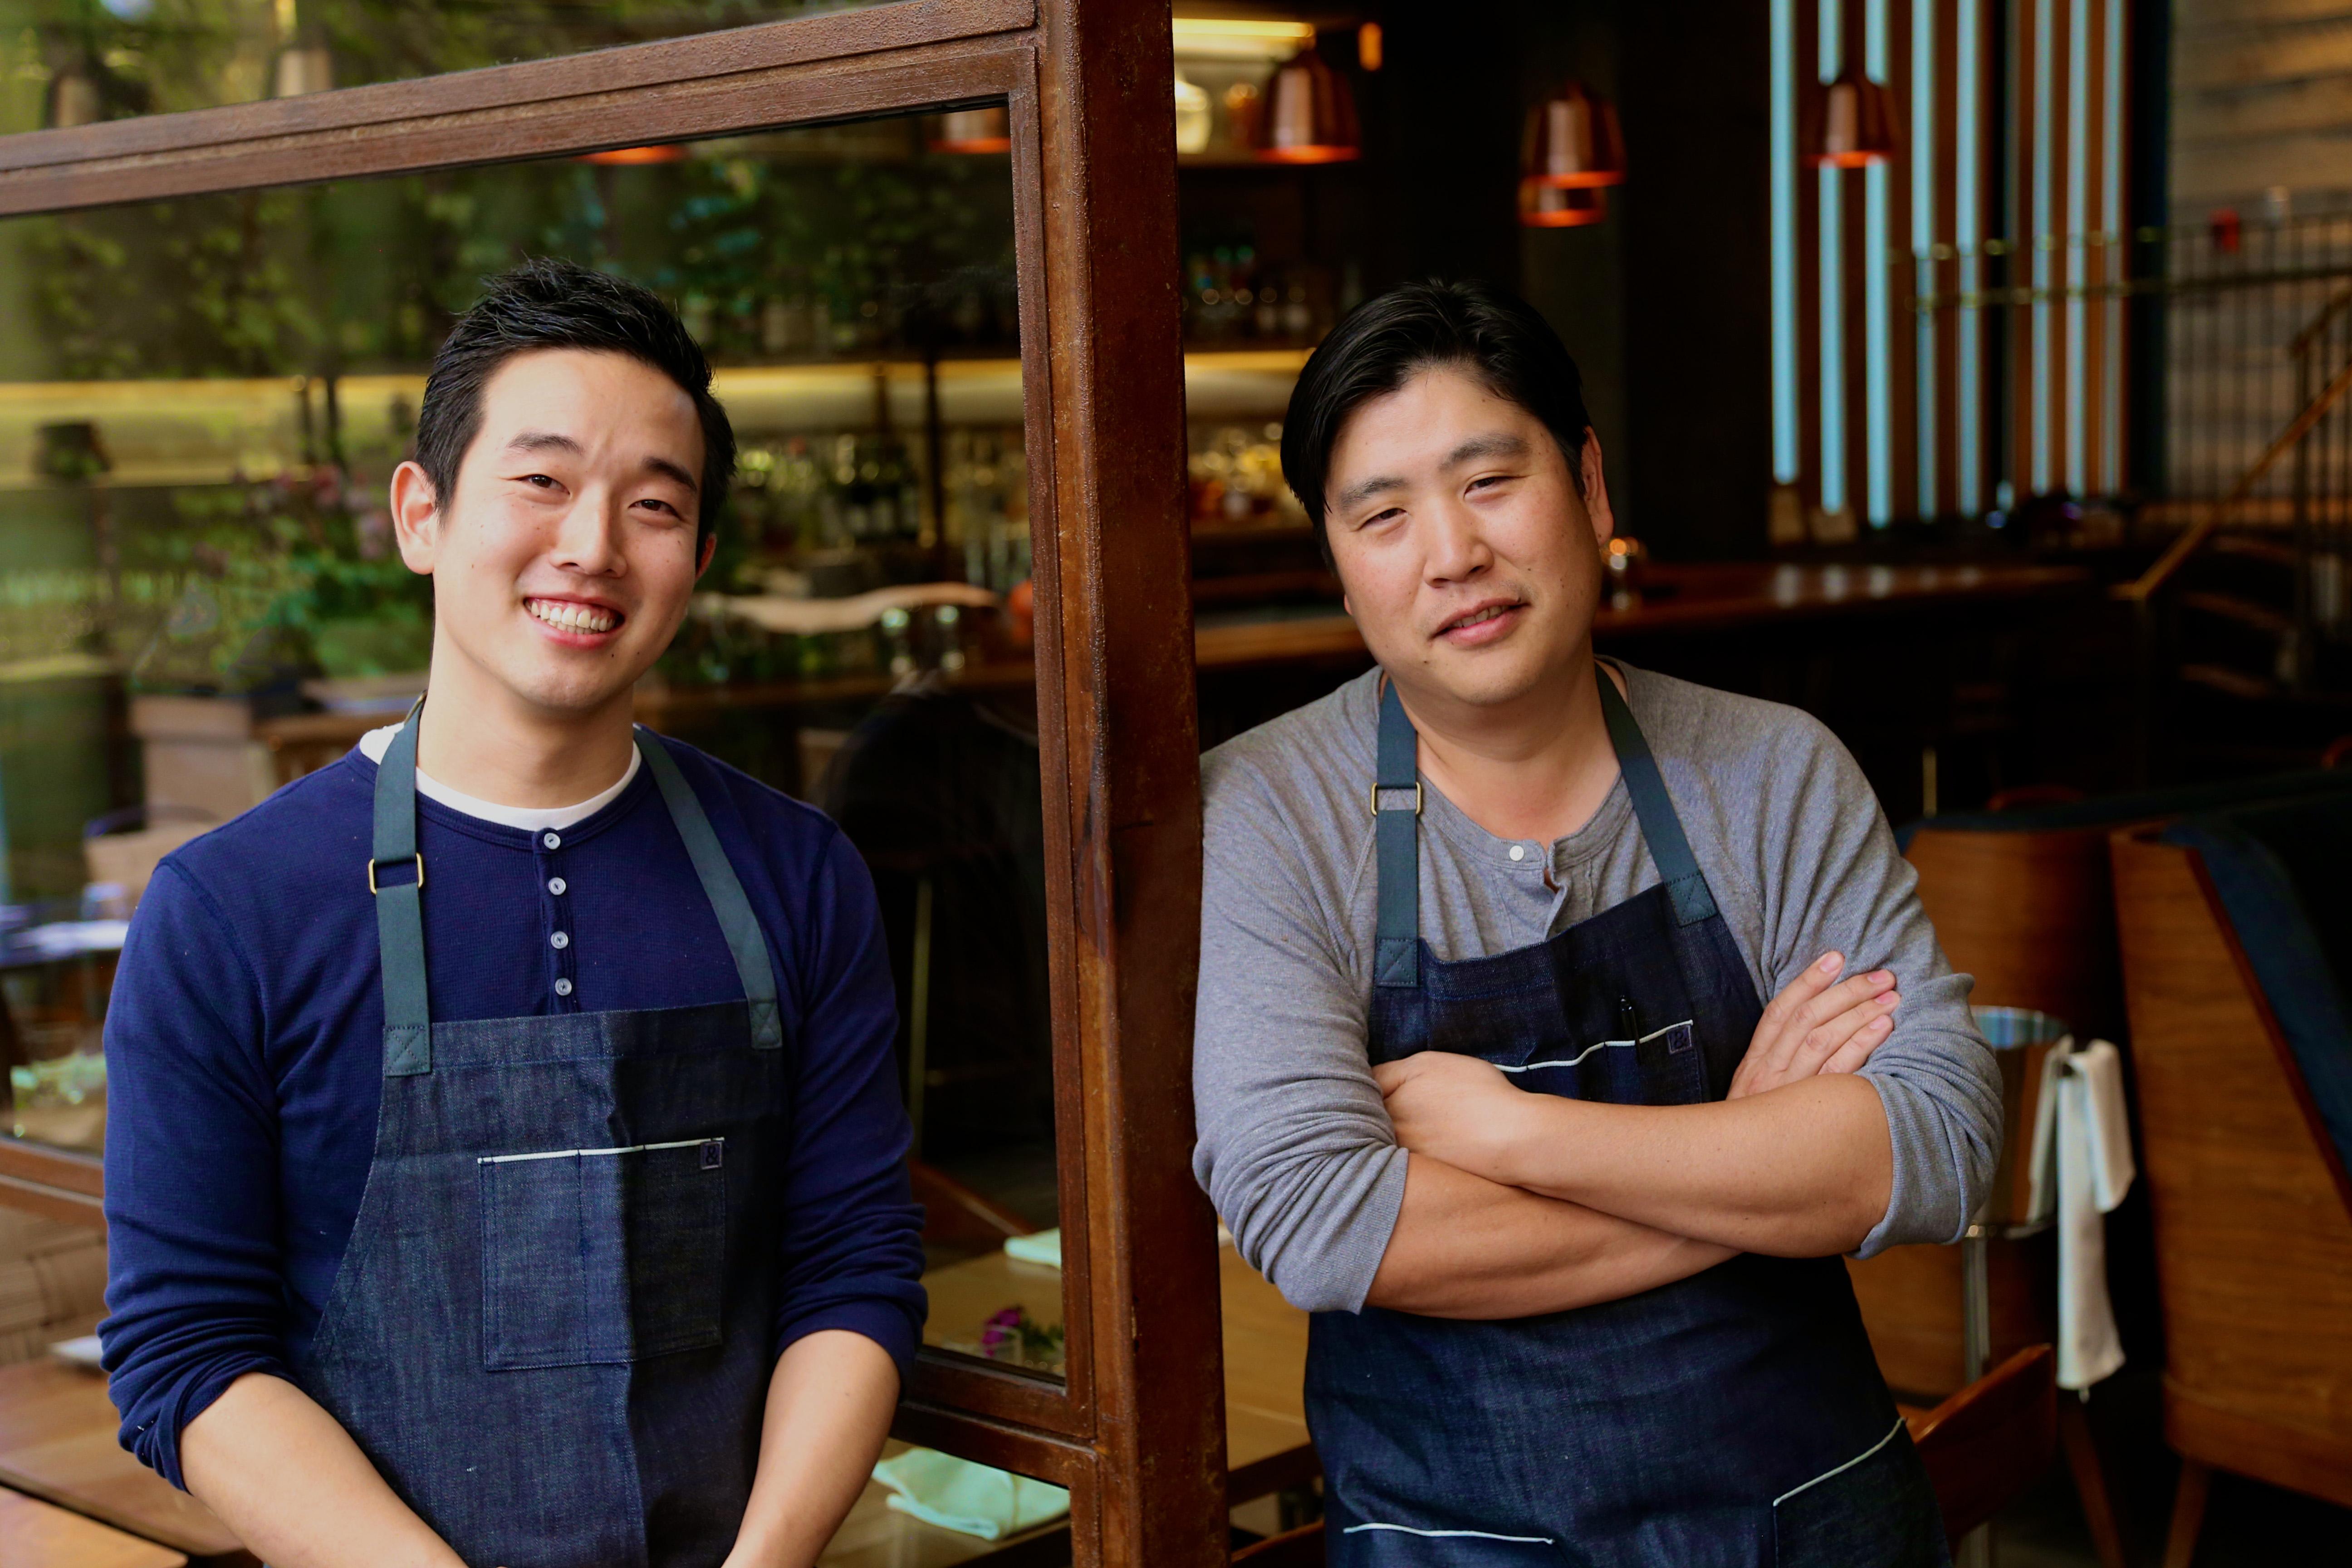 Left: Kei-Ichi Kurobe. Right: Brandon Kida